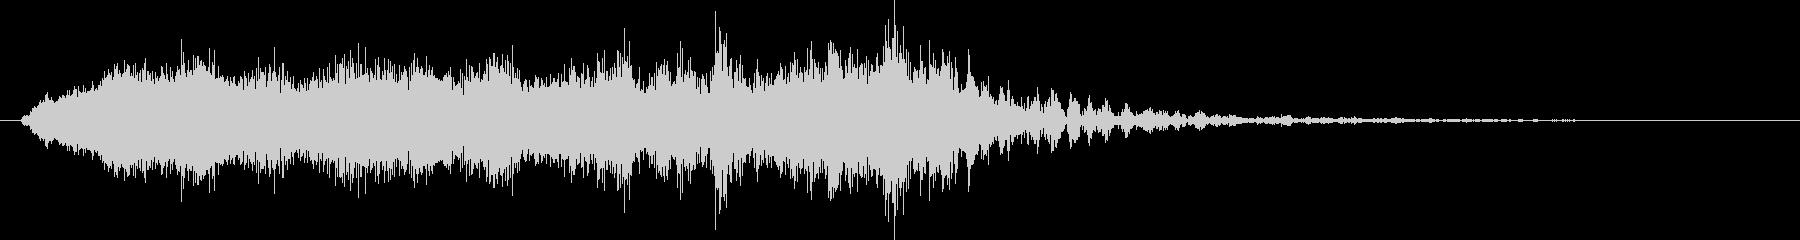 中世 ジングルオーケストラネガティブ02の未再生の波形